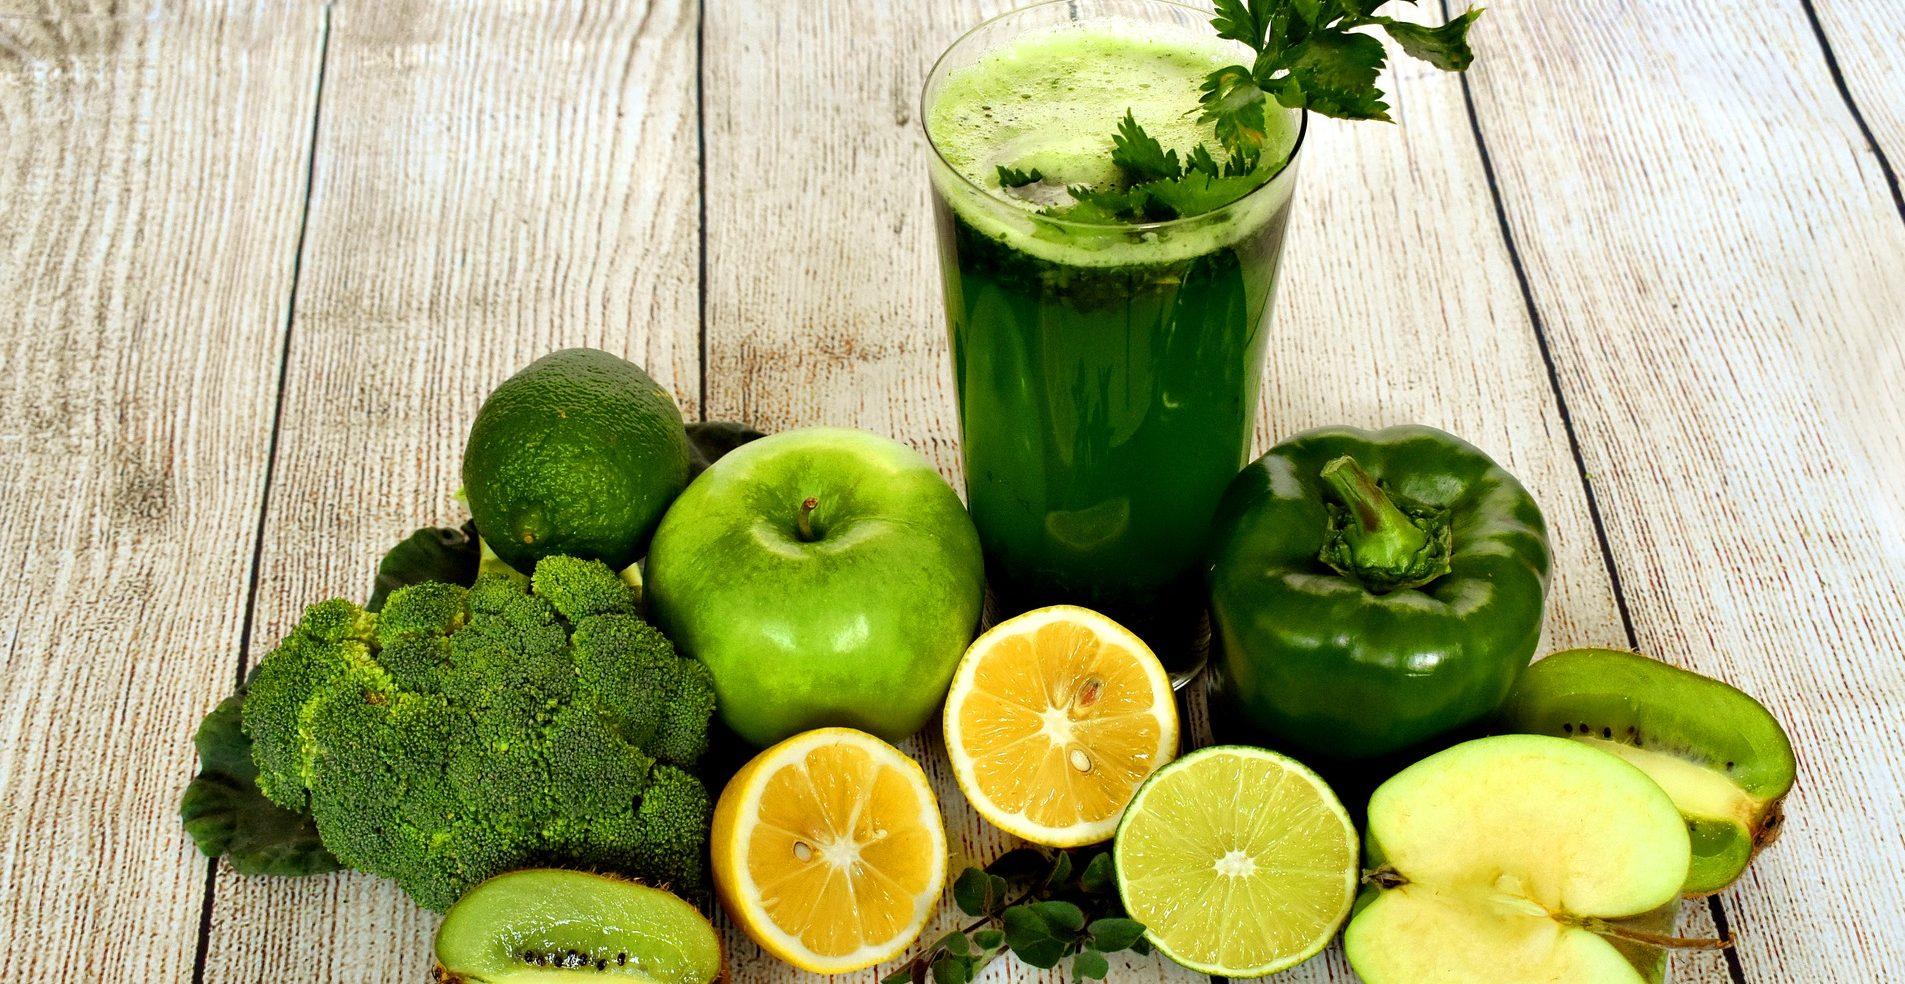 c vitamin izületi gyulladásra)